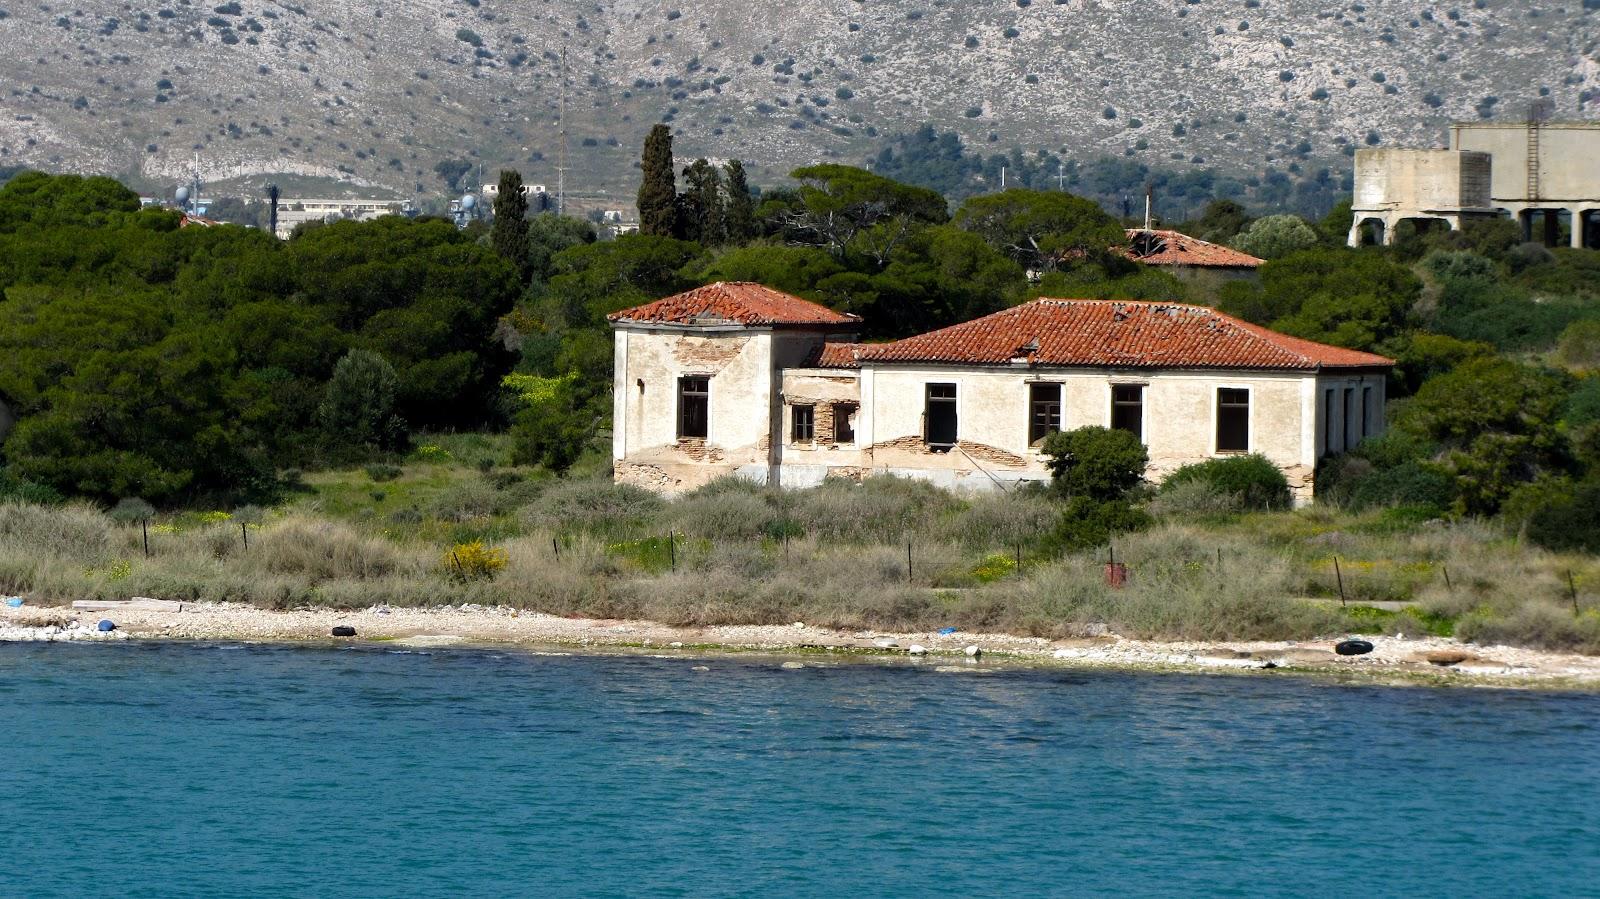 dating in greece Greece beach resorts check in — / — / acropolis athens, attica, greece parthenon acropolis, athens, attica acropolis museum dionysiou areopagitou 15.